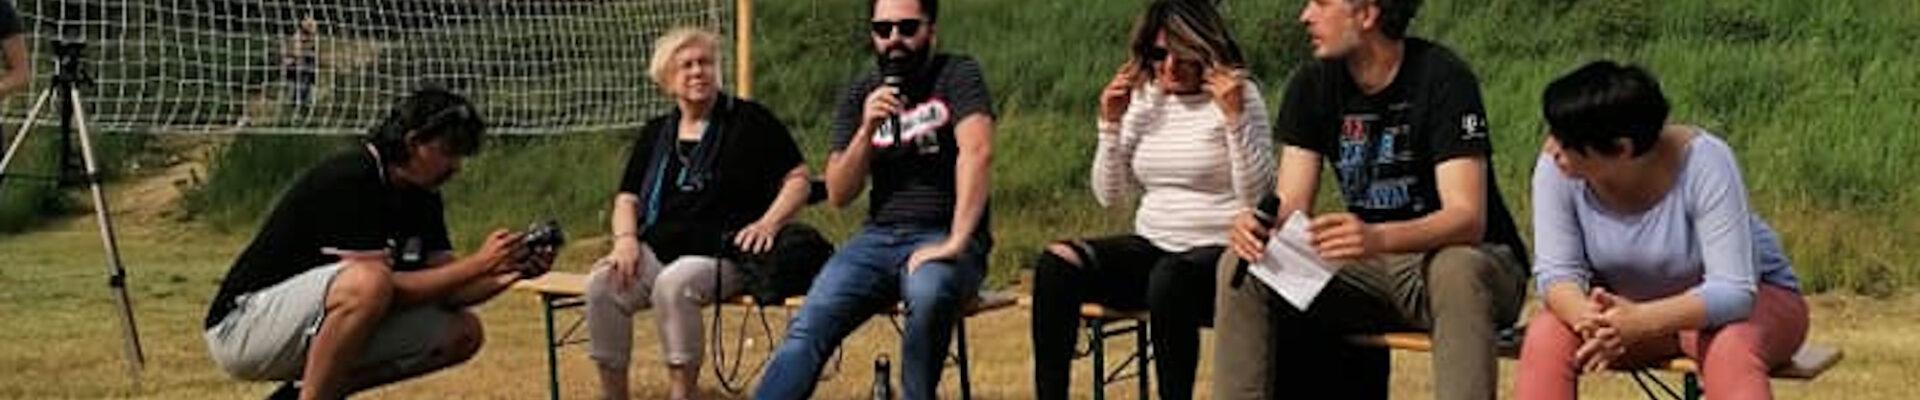 """Vladimir Simović učestvovao na tribini """"Ekologija, aktivizam, solidarnost"""" na Bari Reva"""